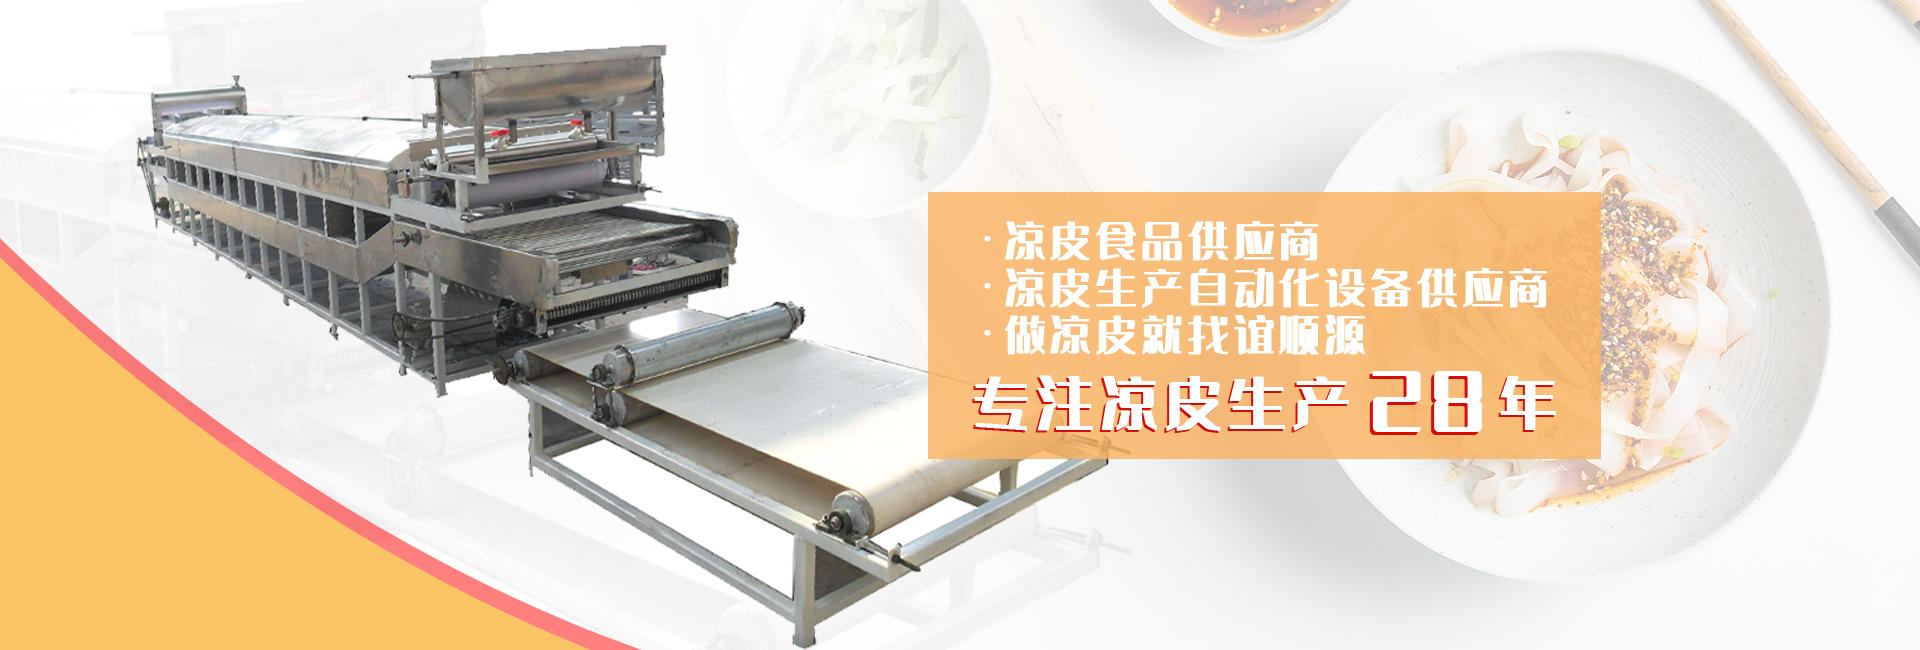 凉皮生产设备